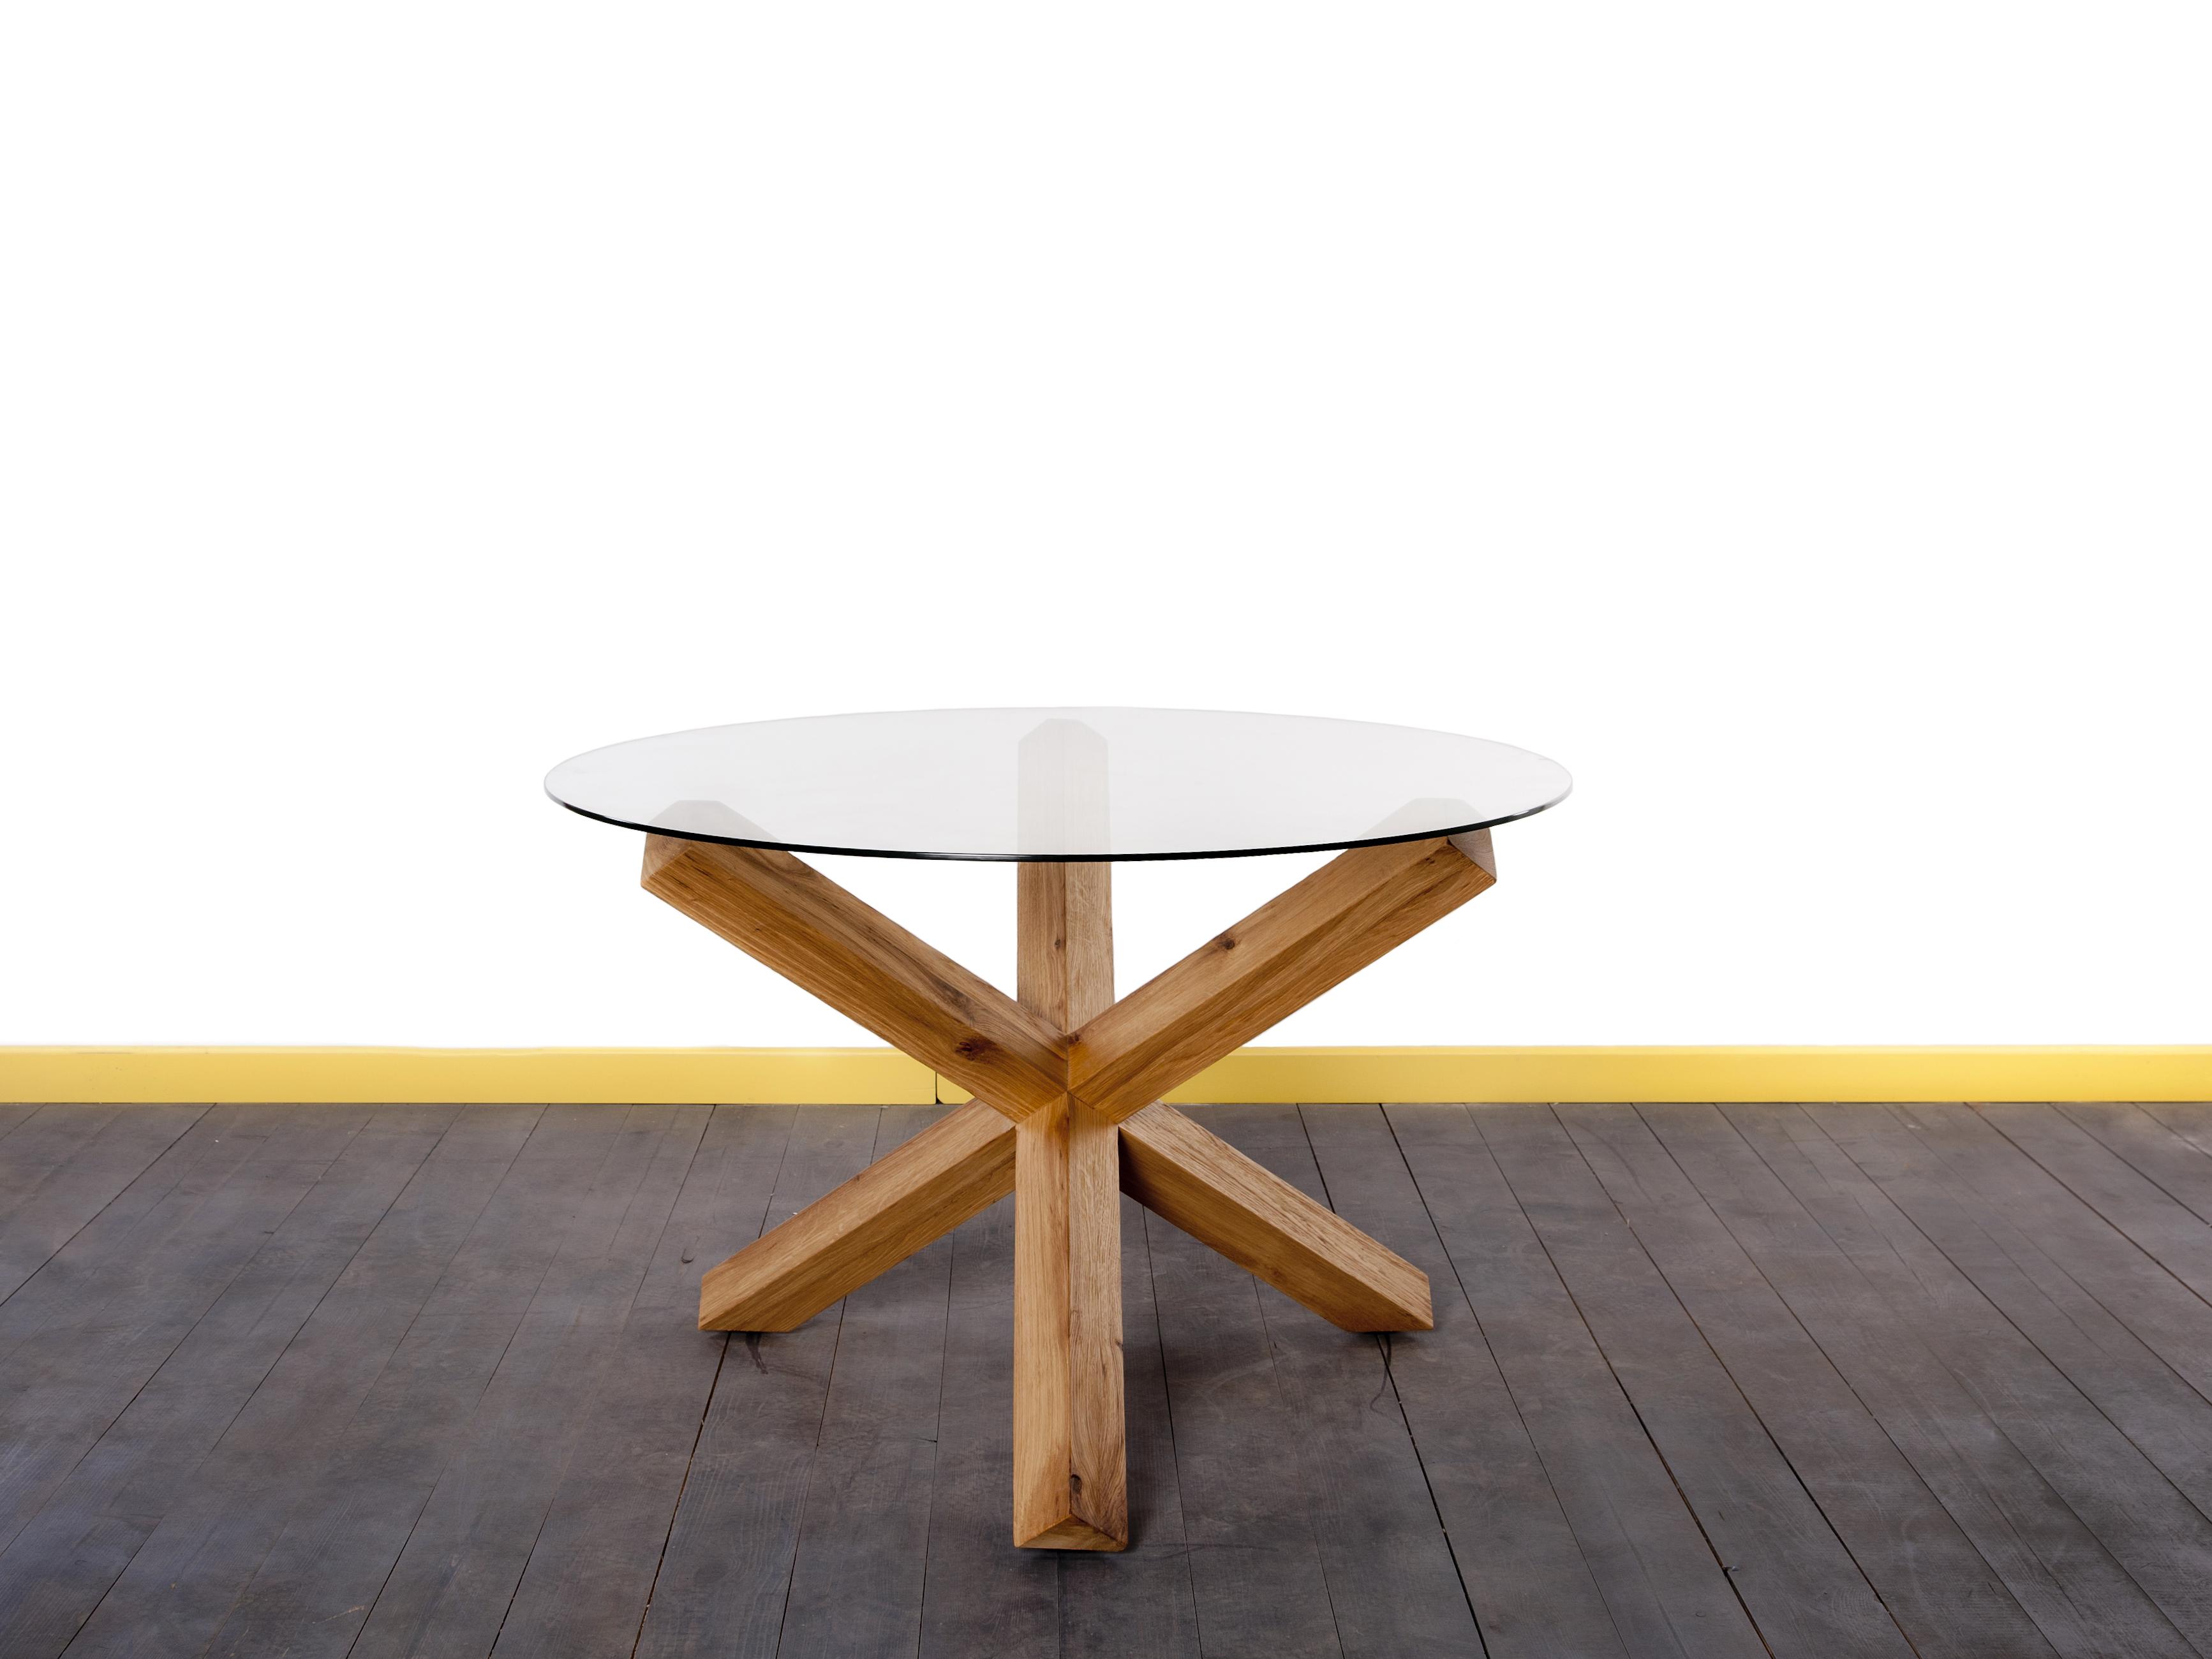 שולחן חצובה תצוגה לבד